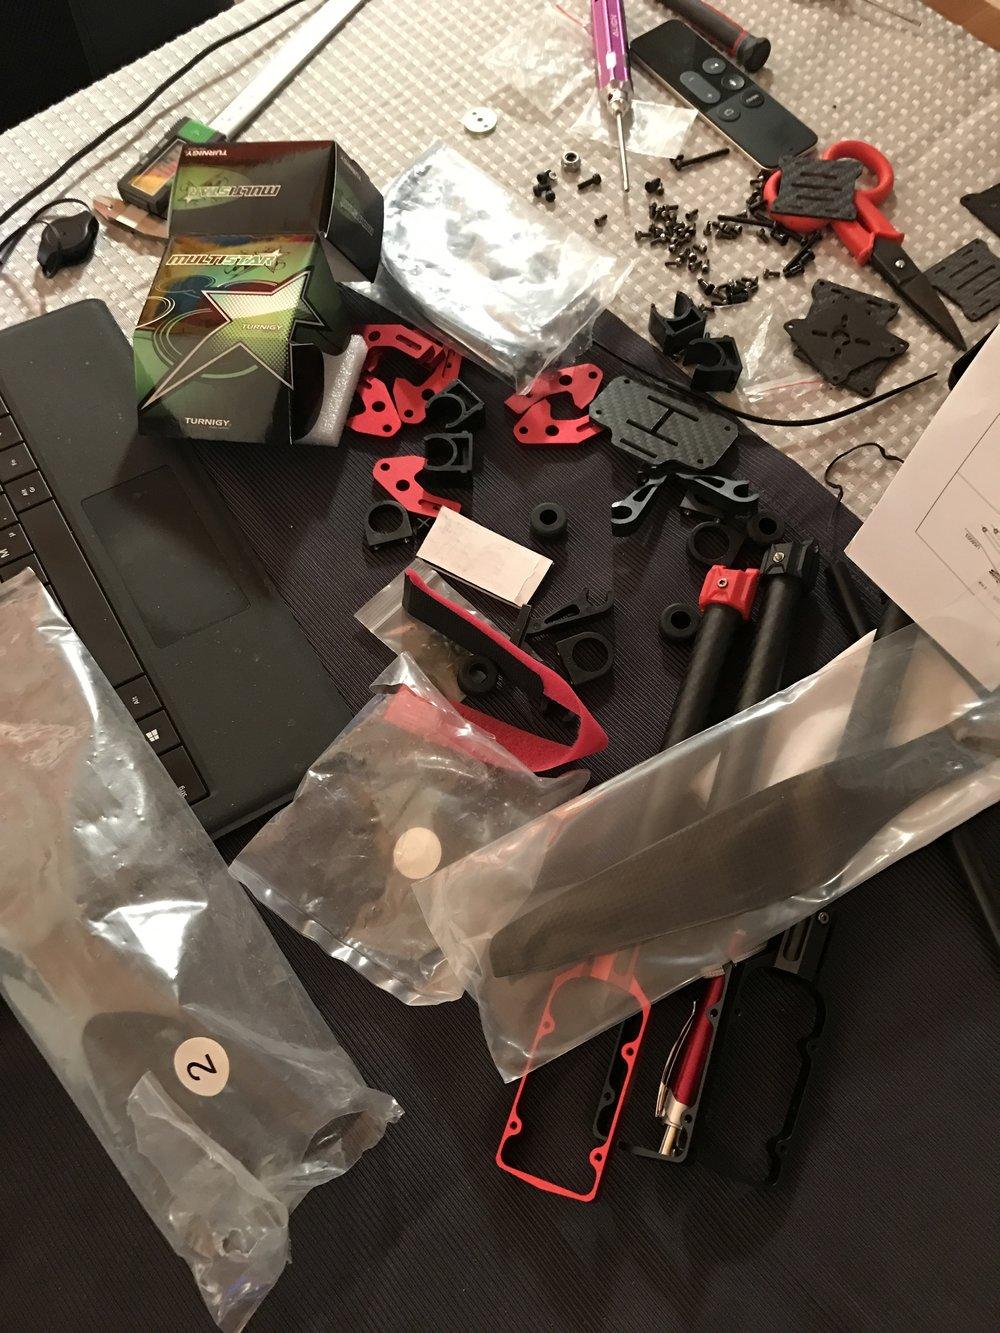 We Fly Drones Ottacottero In Configurazione X8 Alimentazione La Riceve Dal Bec Battery Eliminator Circuit Costruzione Per Immagini